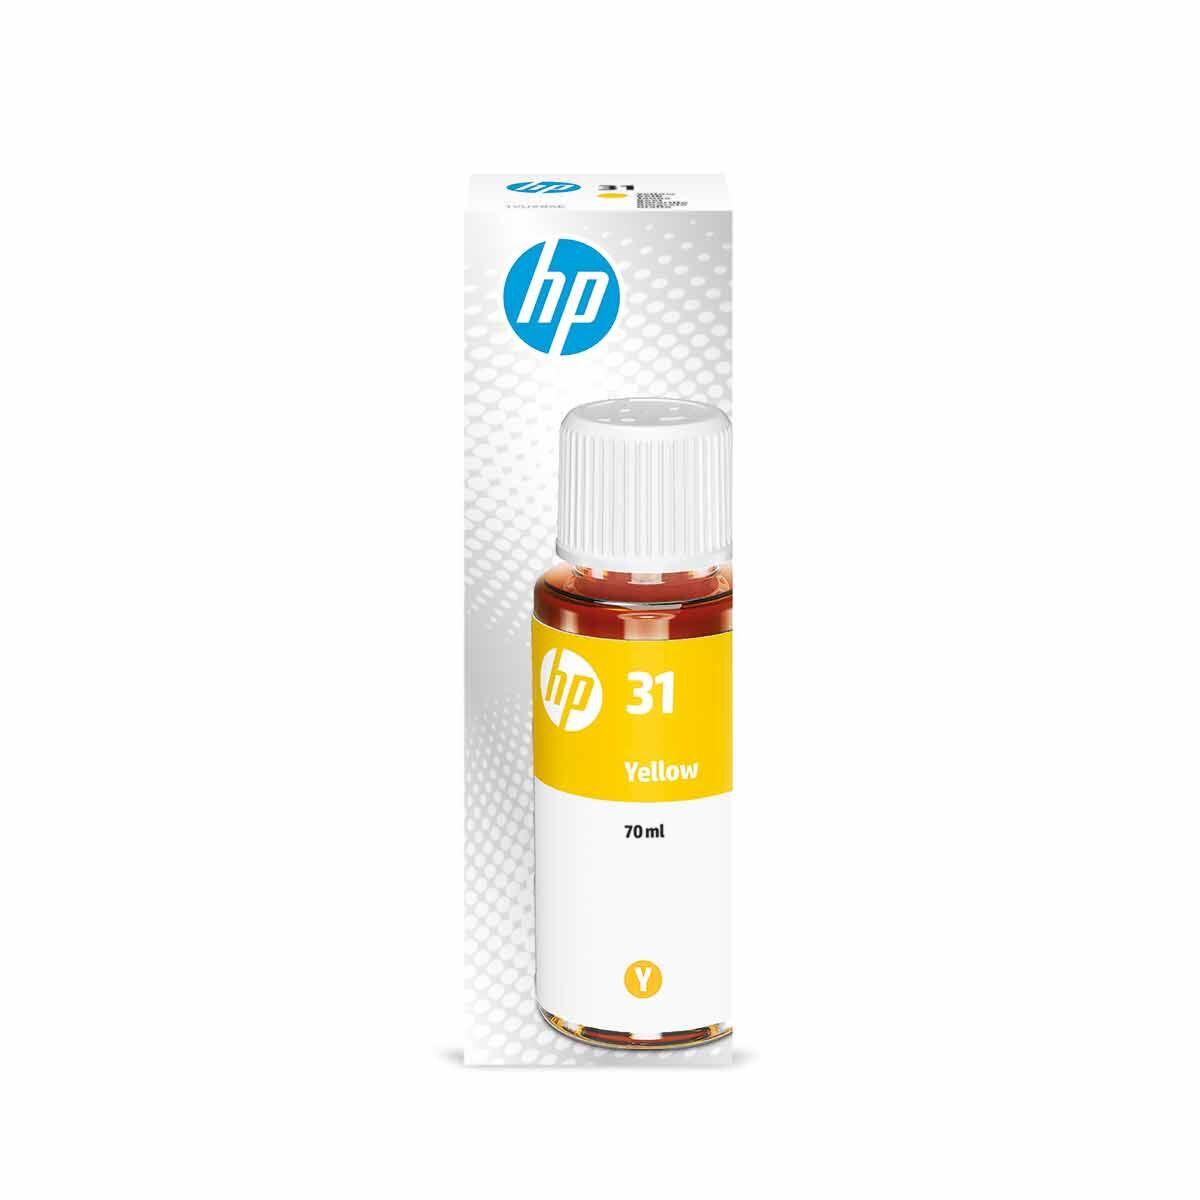 HP 31 Smart Tank Yellow Ink Bottle 70ml